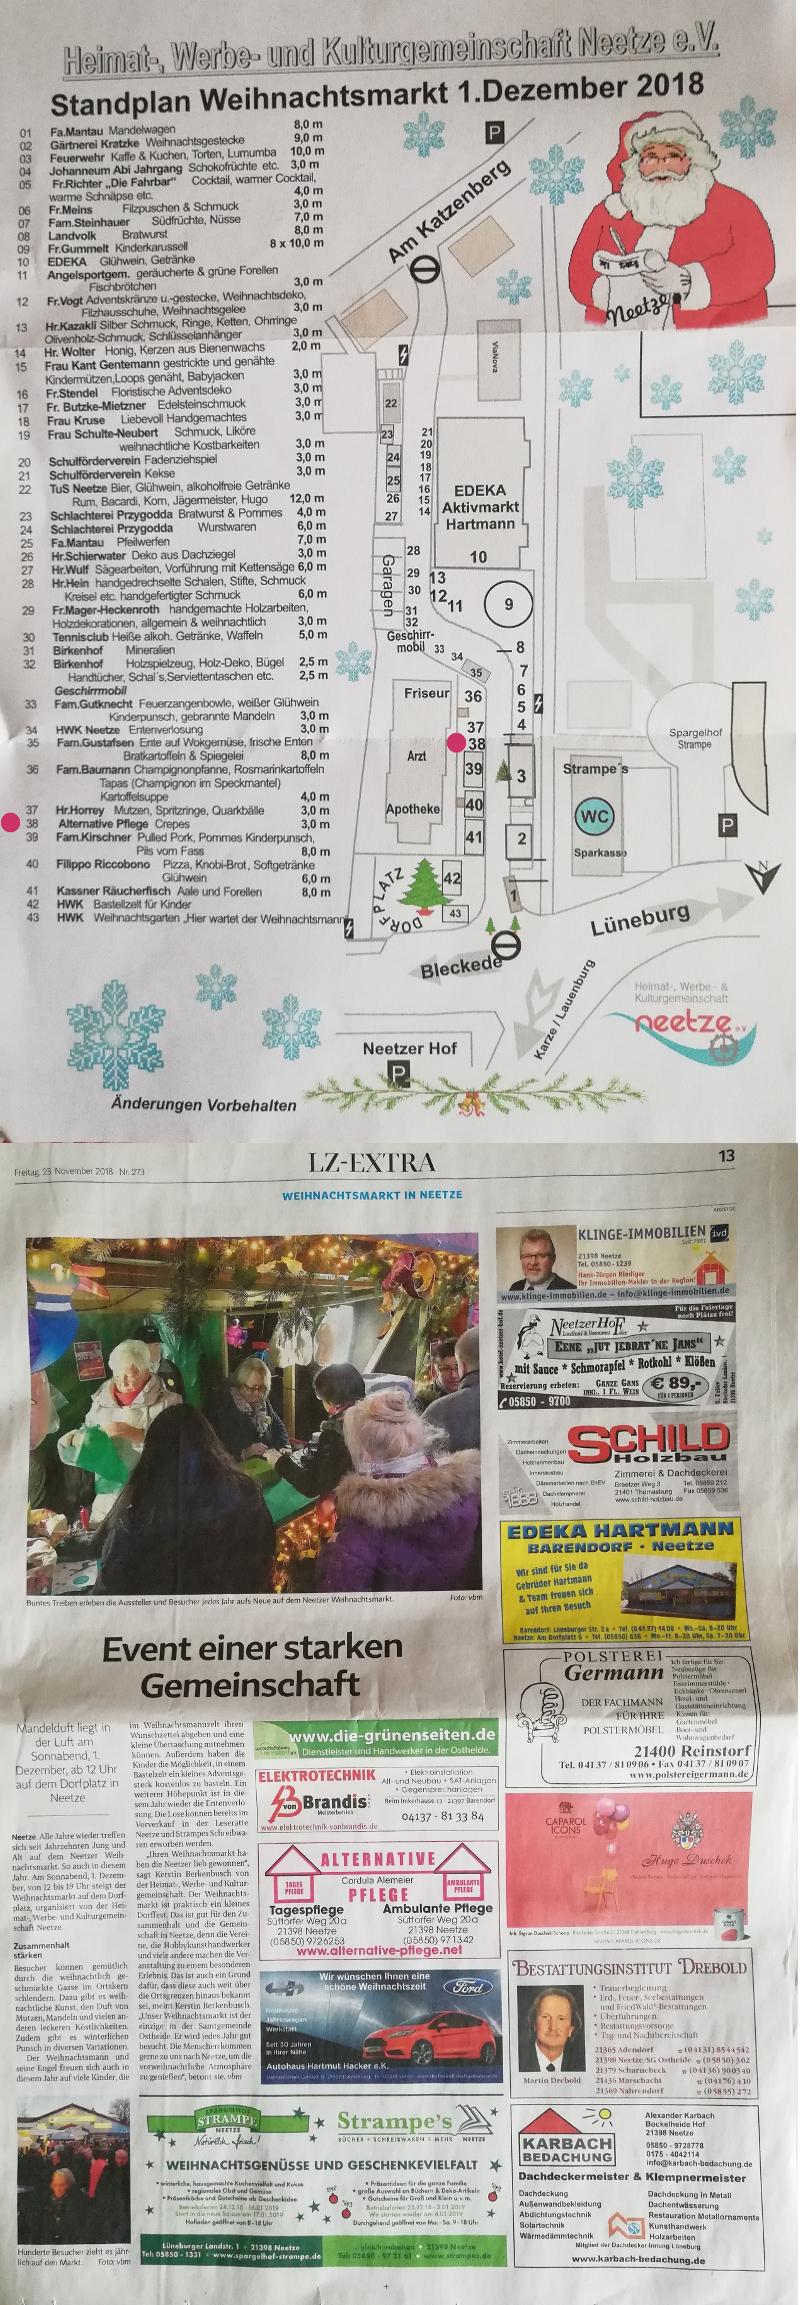 Standplan Weihnachtsmarkt Neetze 2018 + Artikel und Werbung aus Landeszeitung Lüneburg